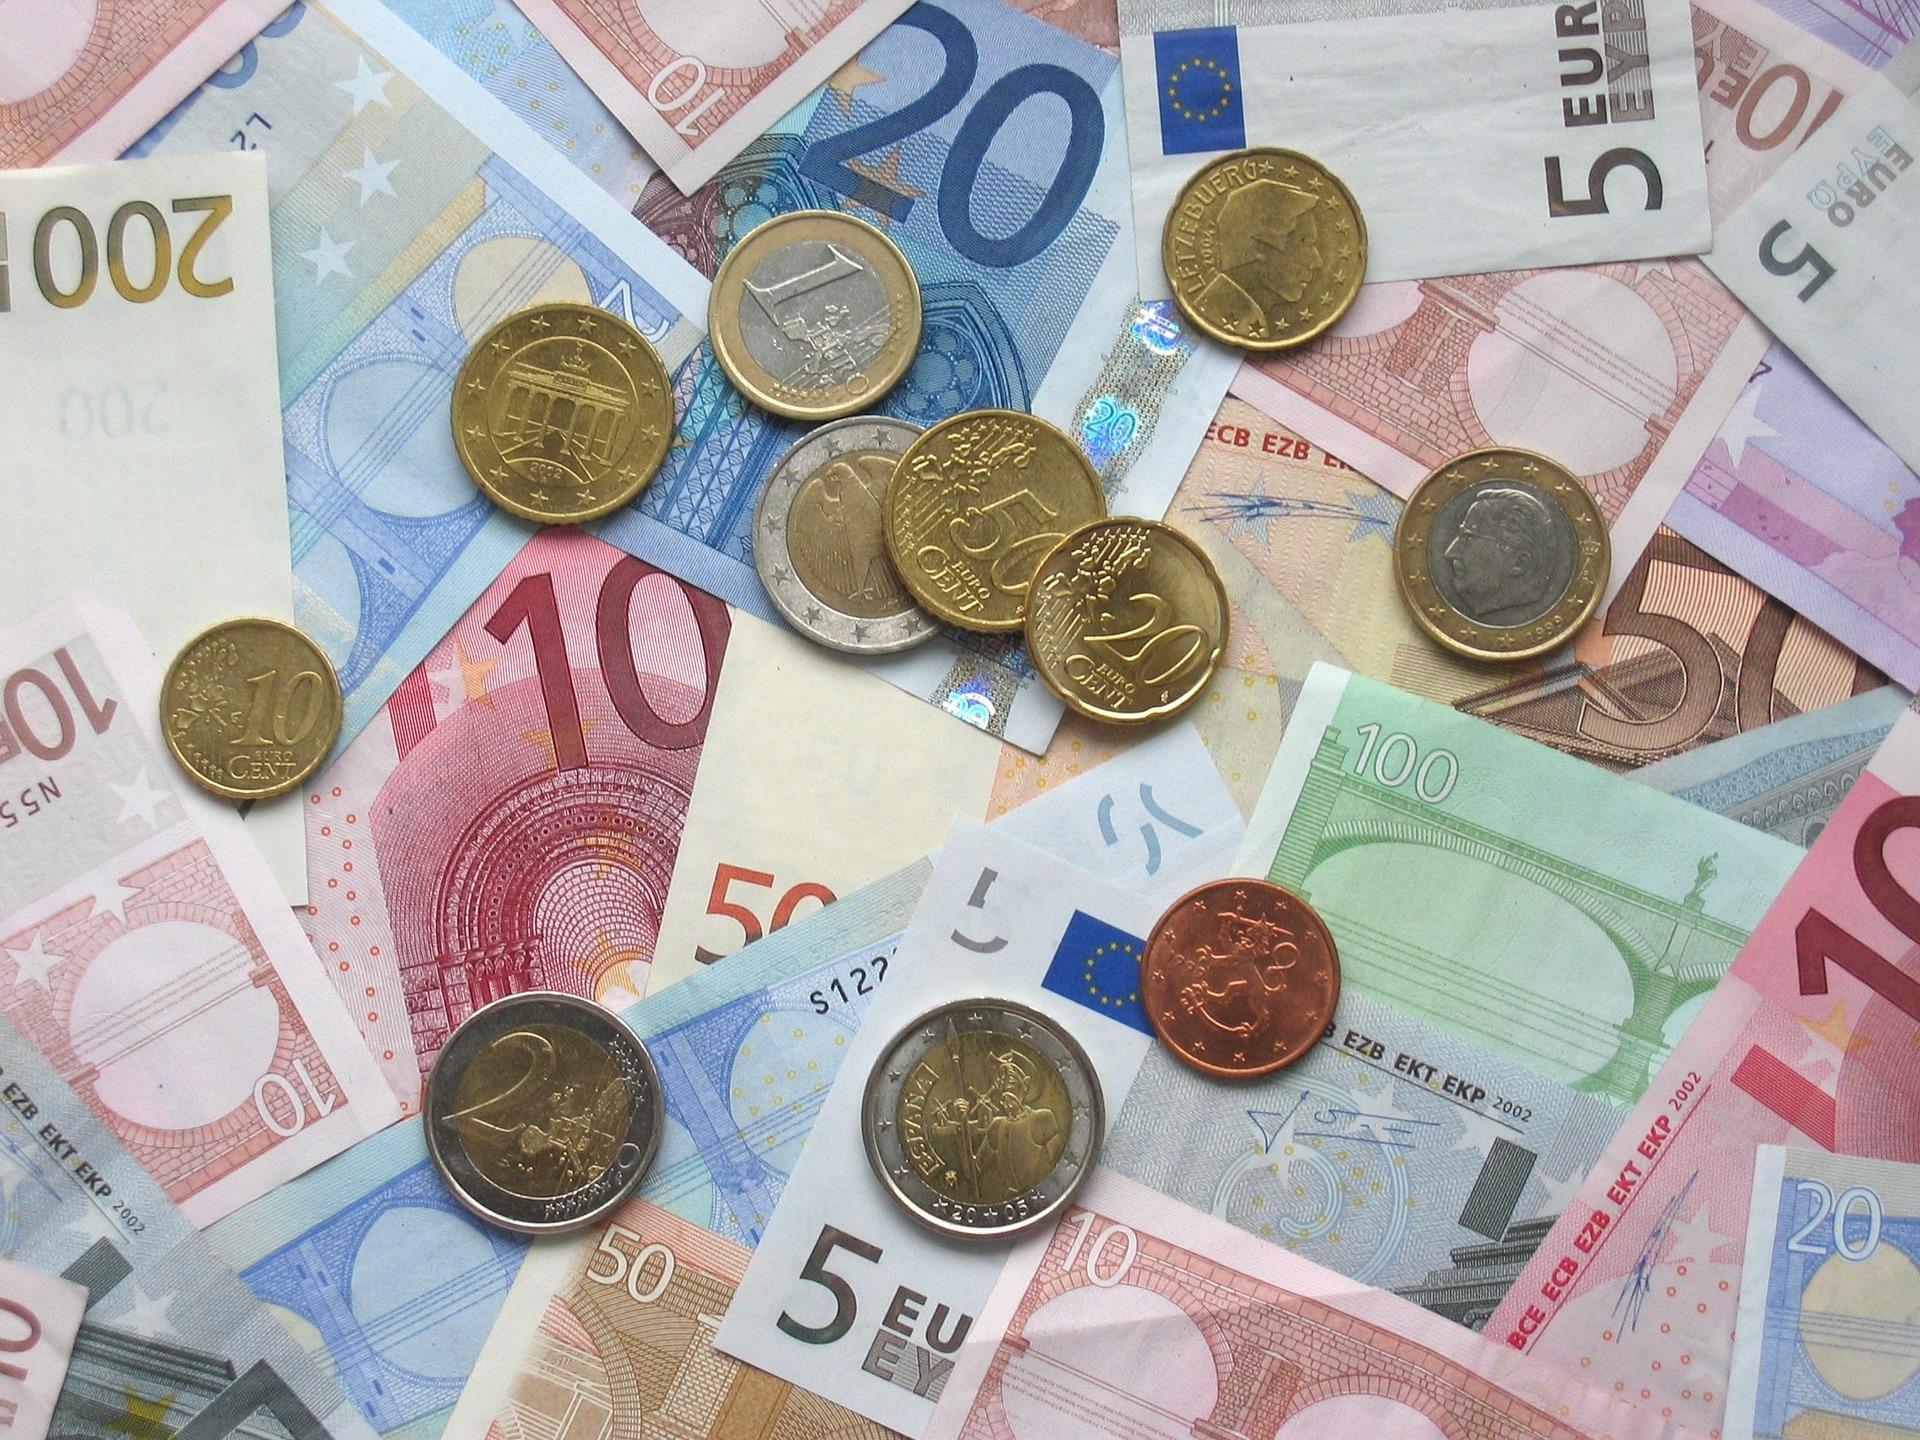 Mein Geld ist mir wichtig! auf blogtante.de